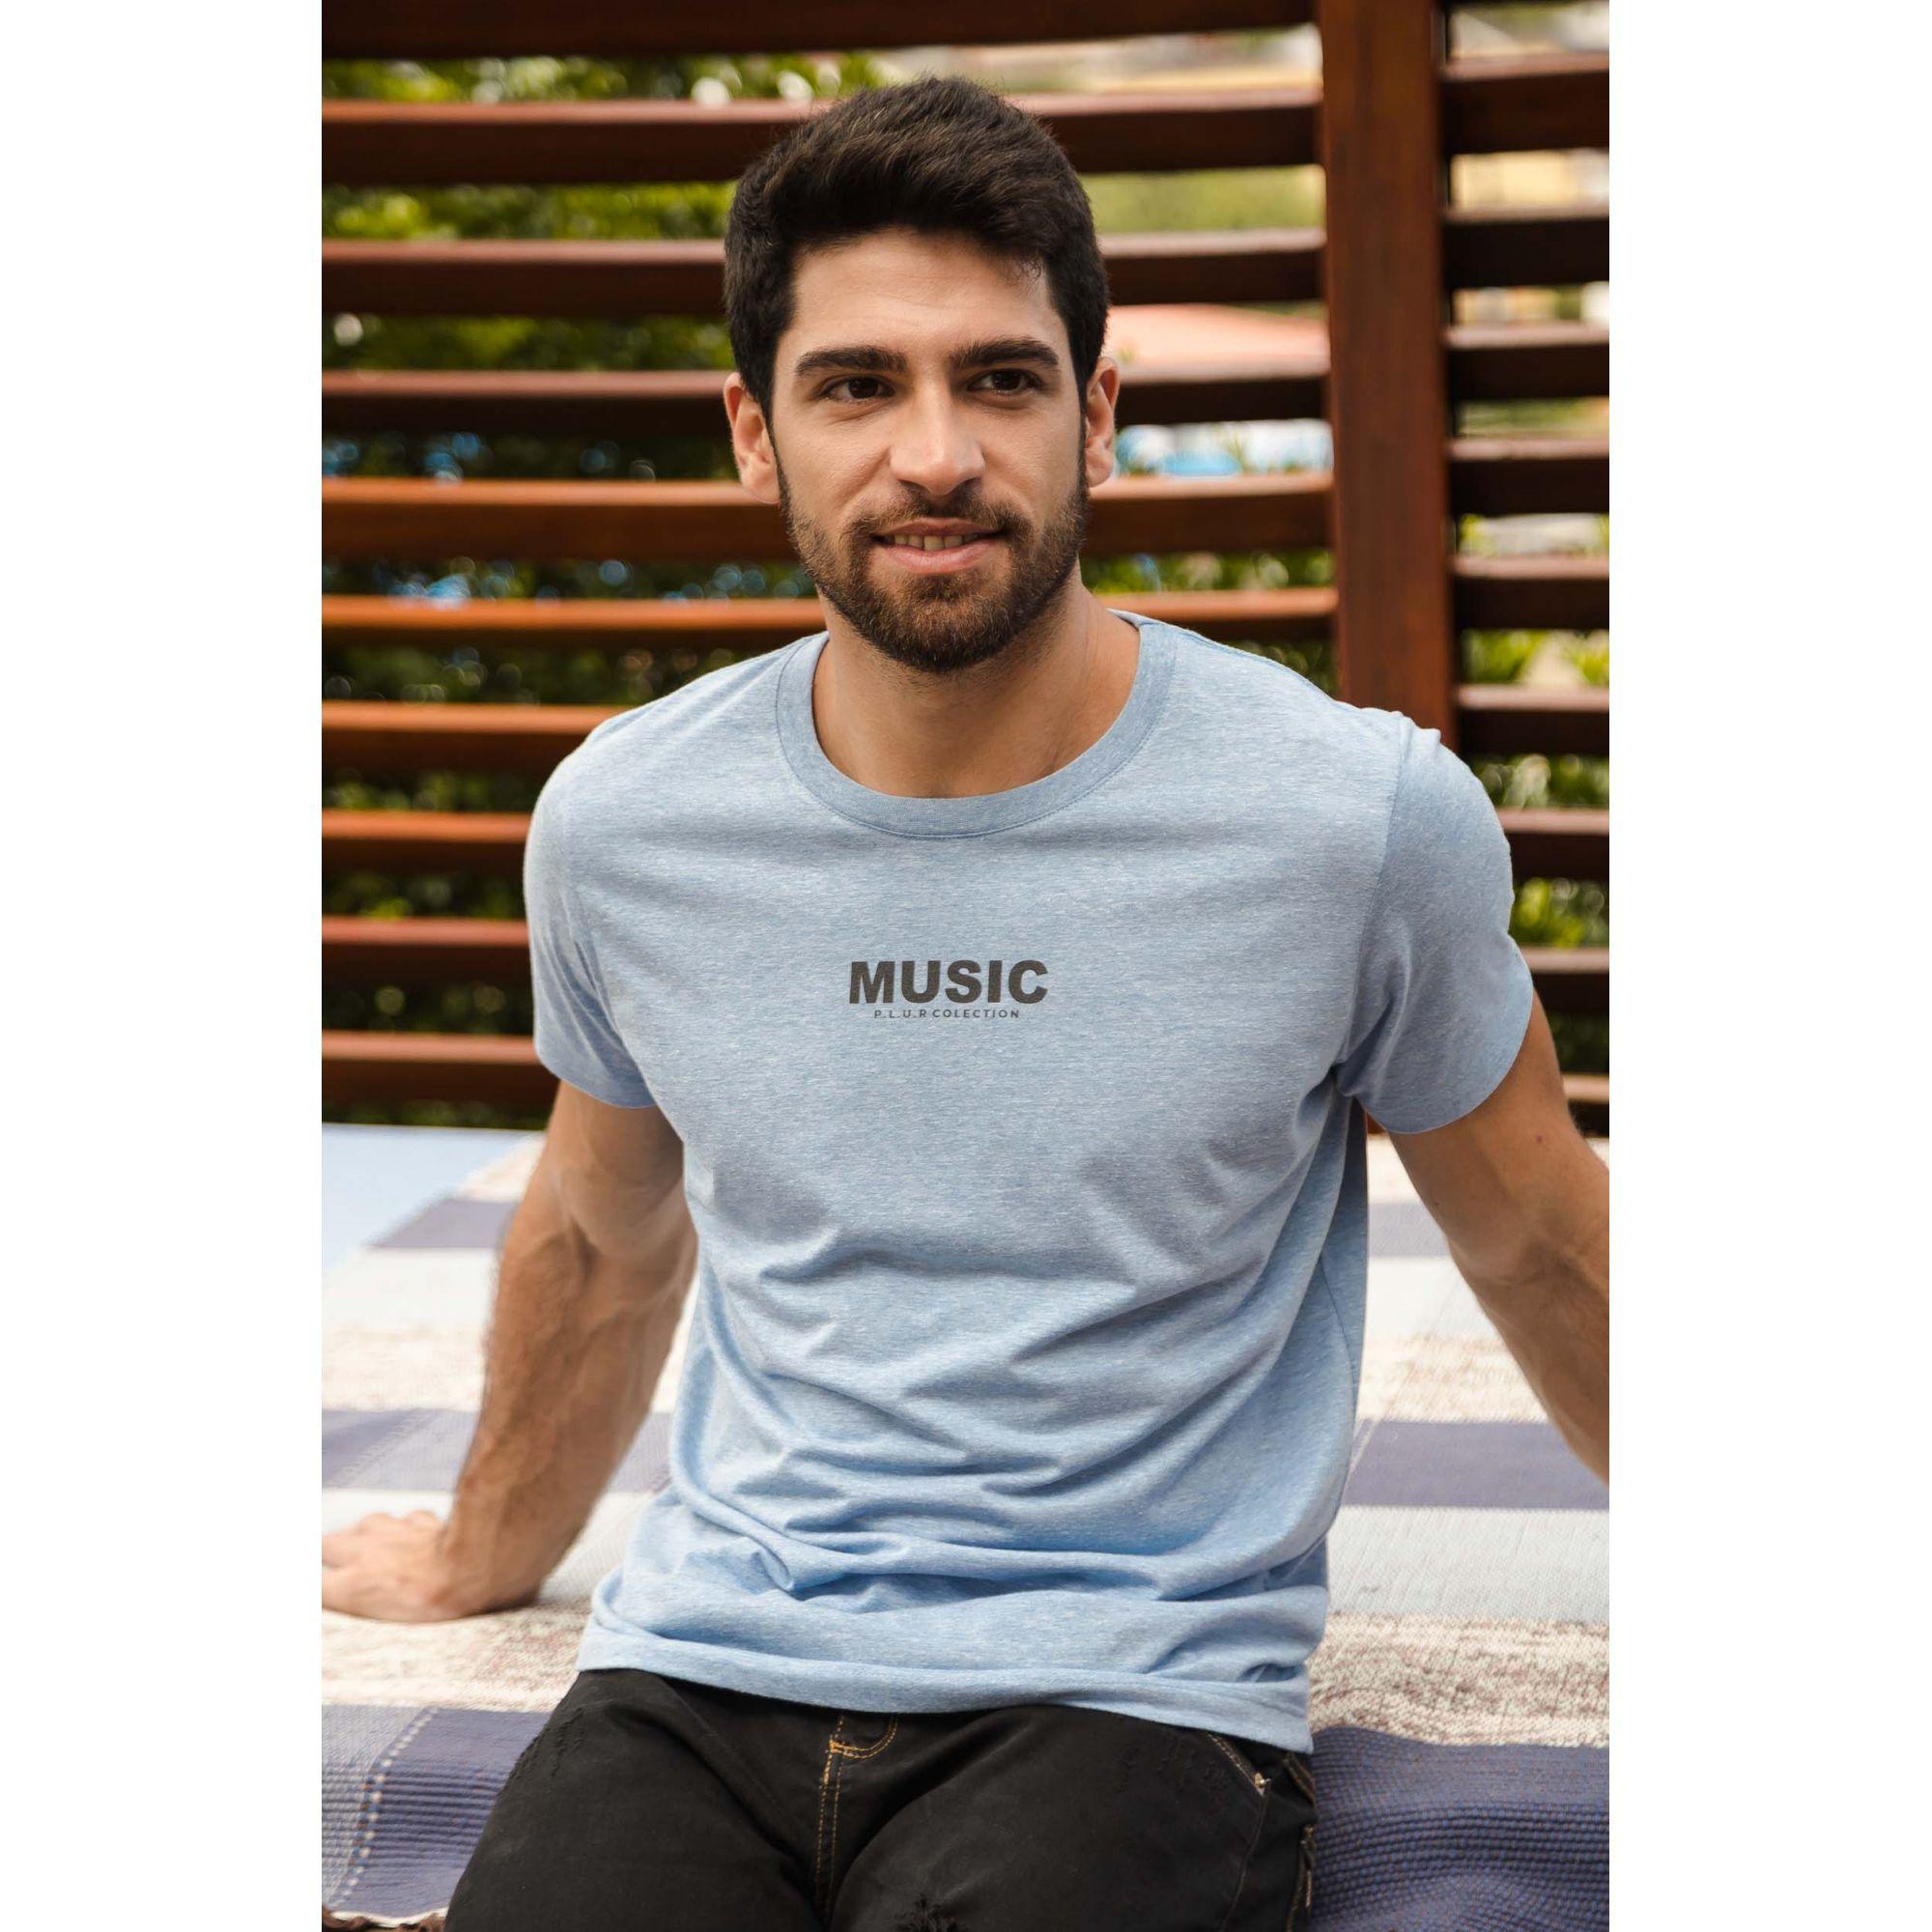 Camiseta PLUR Music